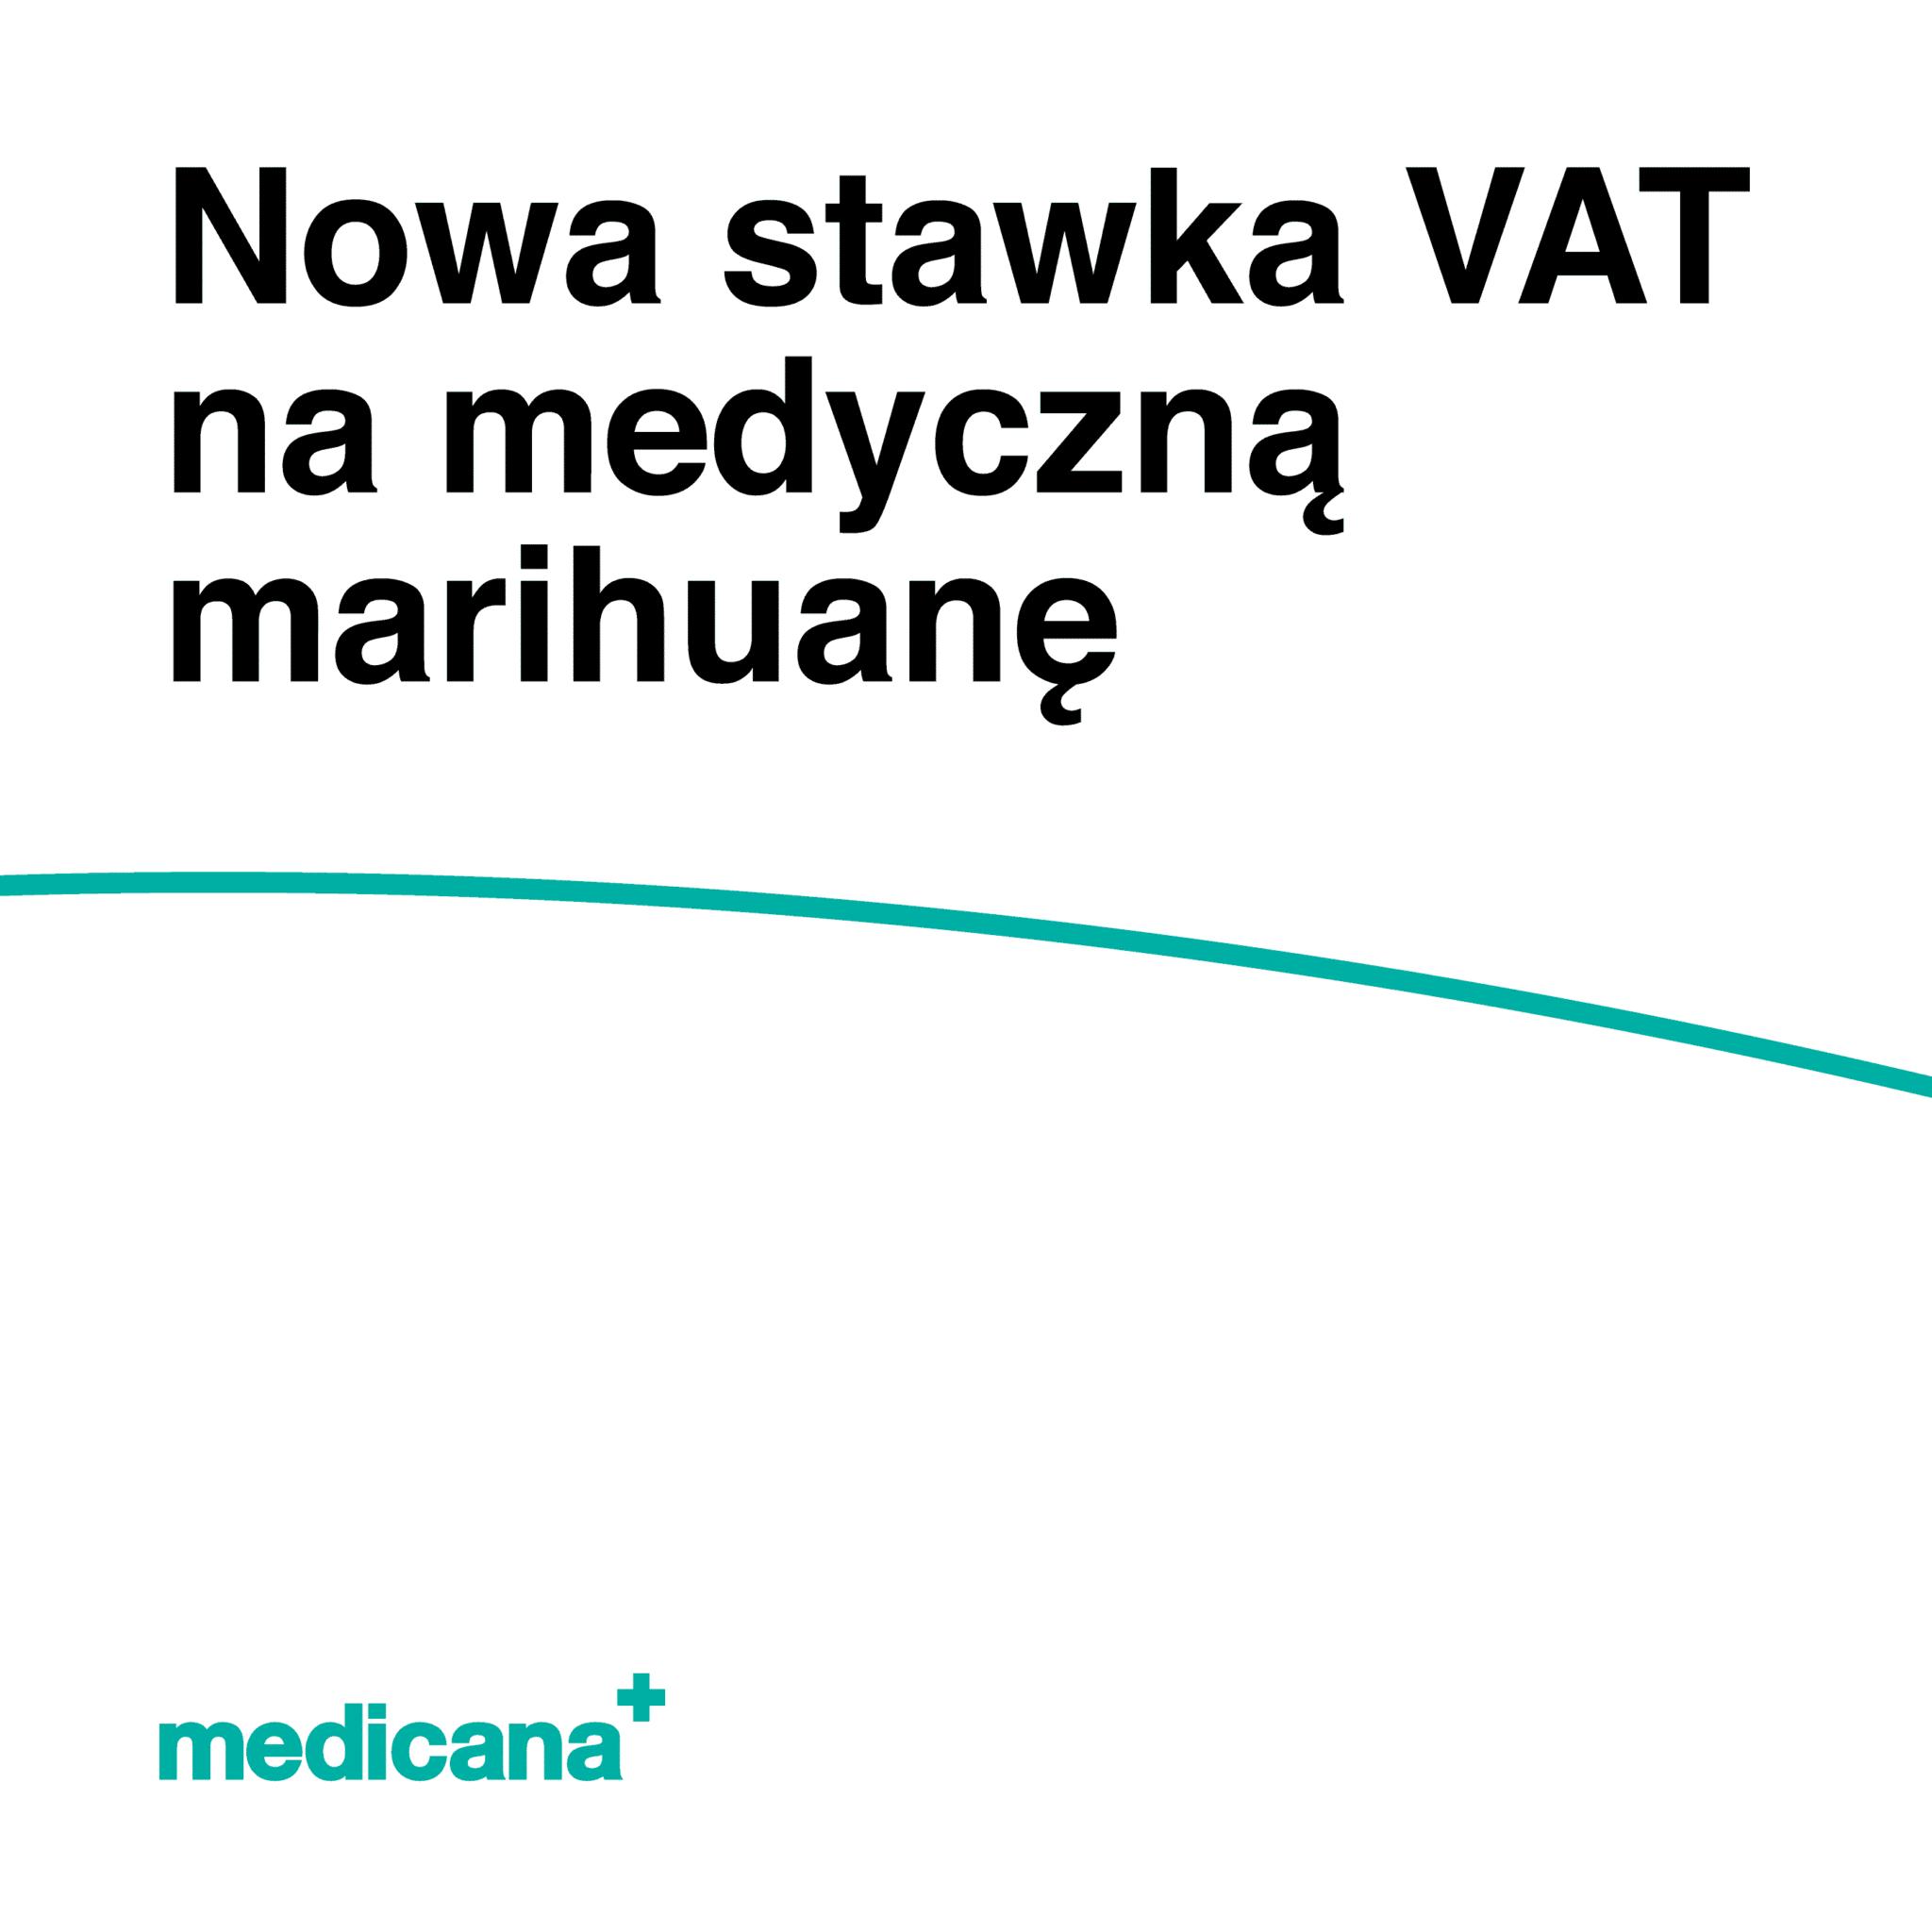 Grafika, białe tło z zieloną linią, czarnym napisem Nowa stawka VAT za medyczną marihuanę oraz zielonym logo Medicana w lewym dolnym rogu.